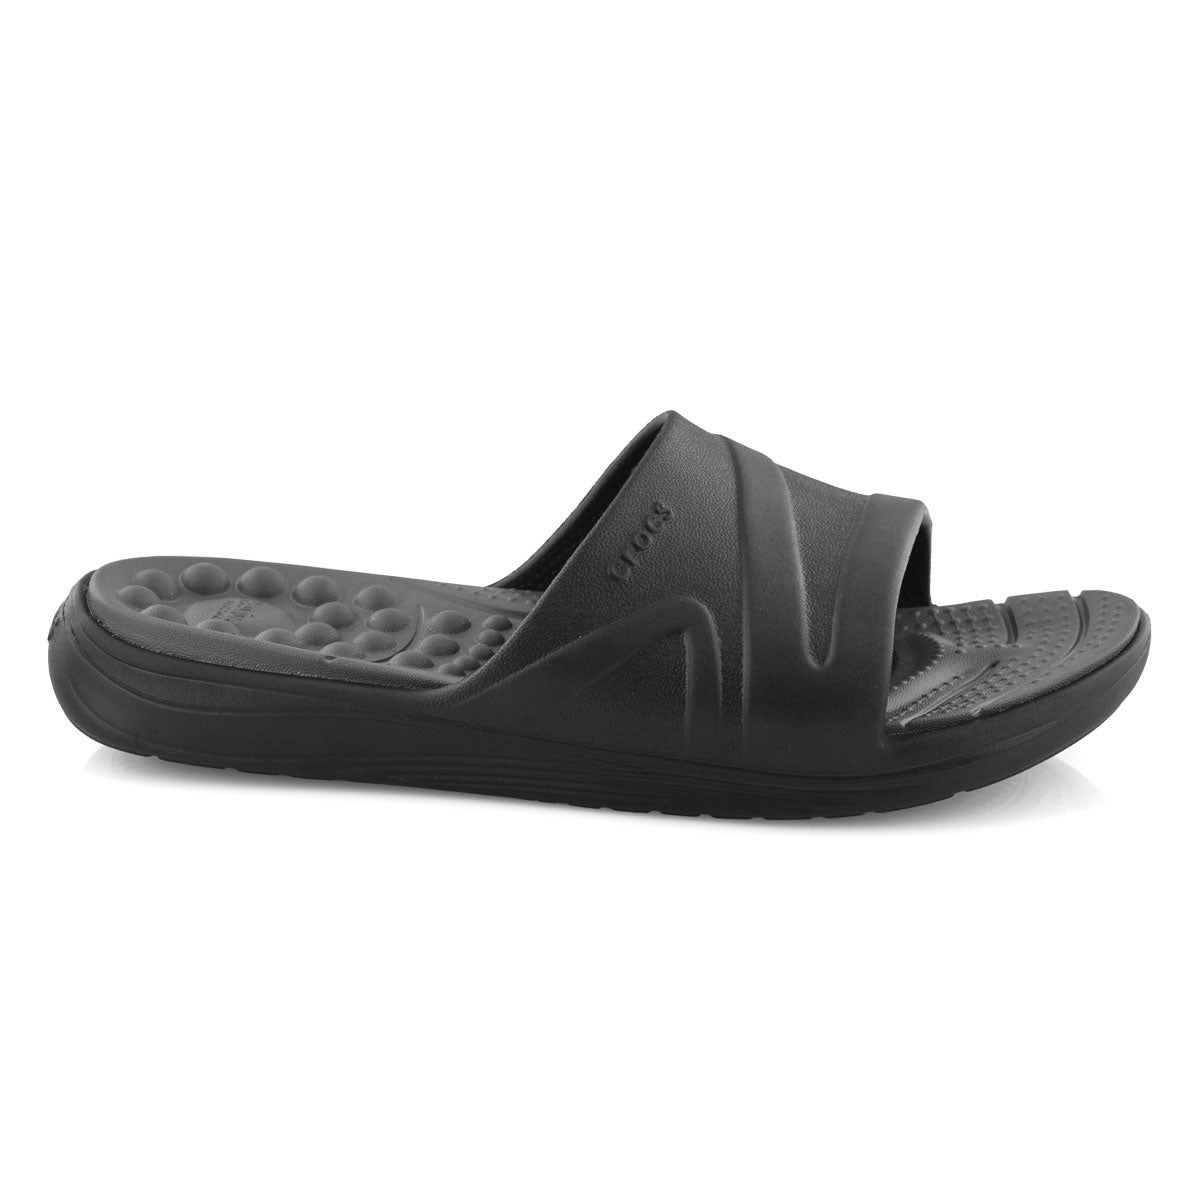 Mns Reviva blk/slate slide sandal